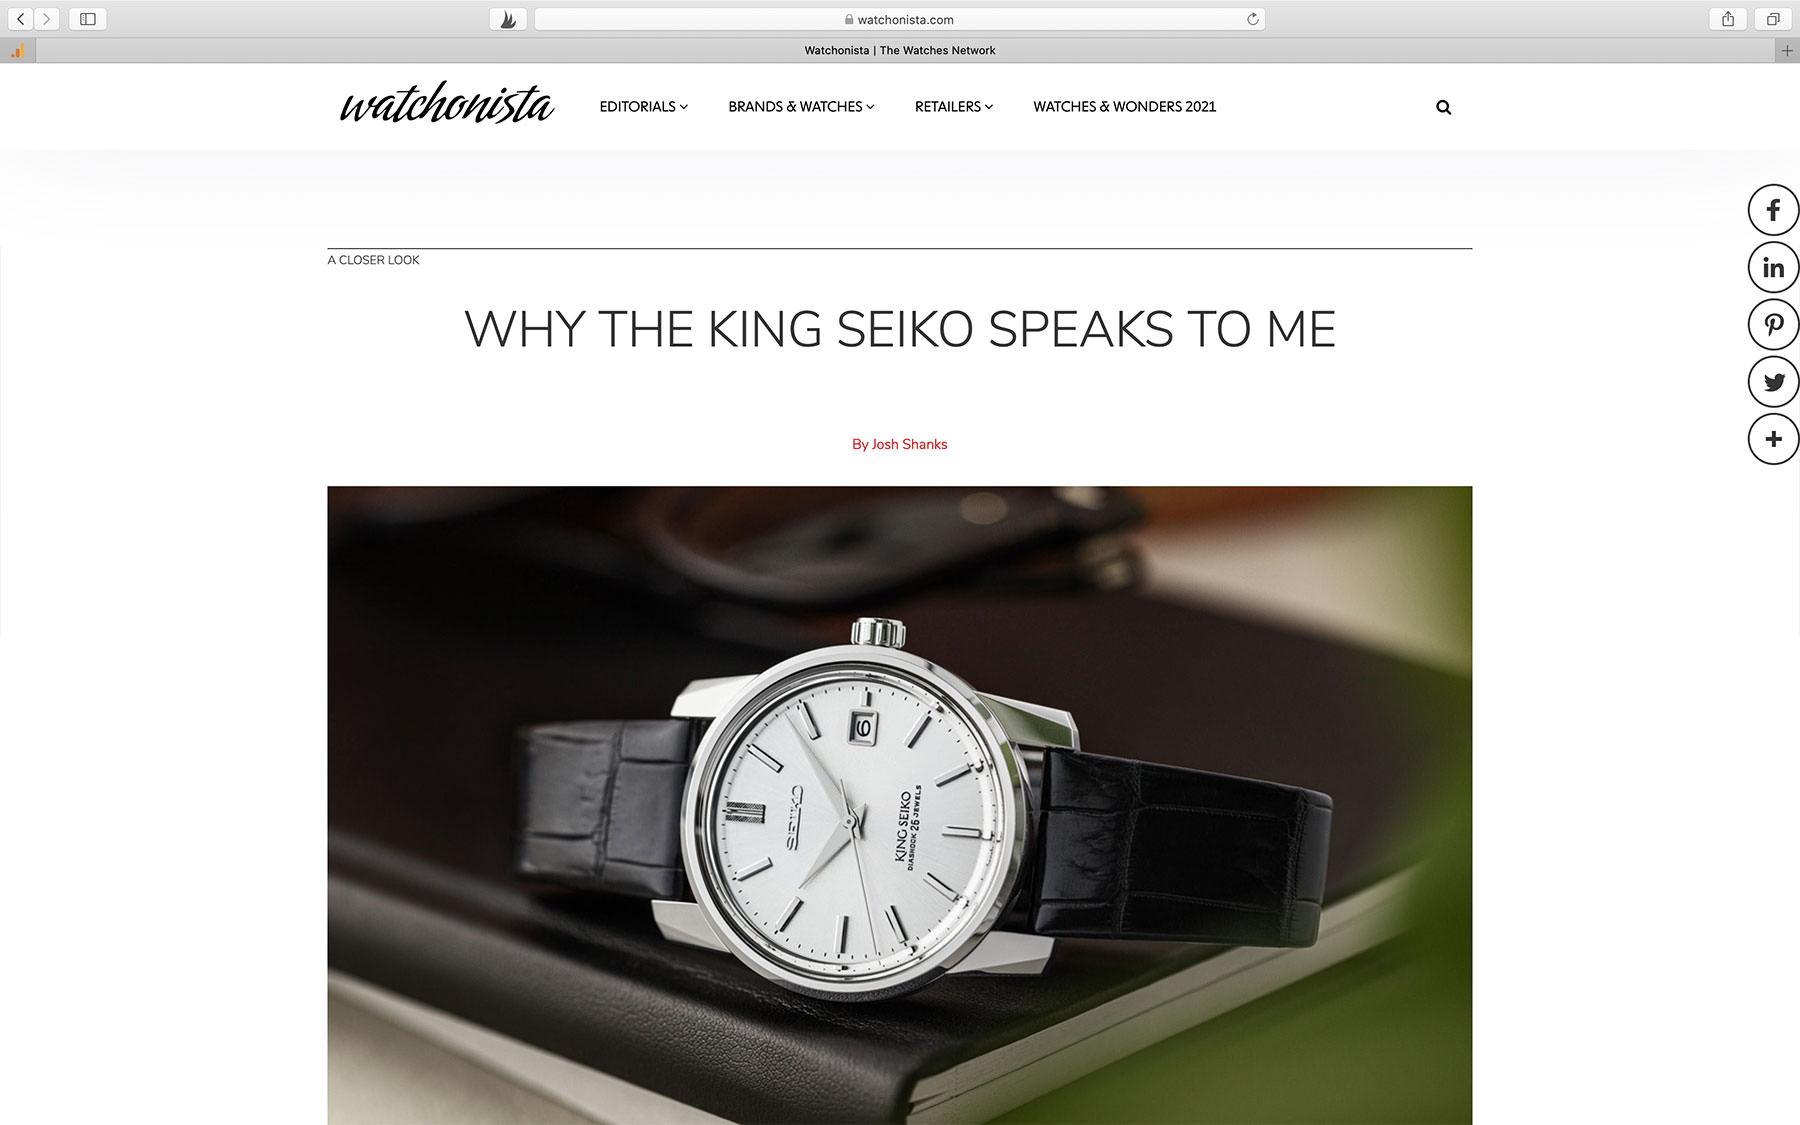 Watch Magazine Watchonista